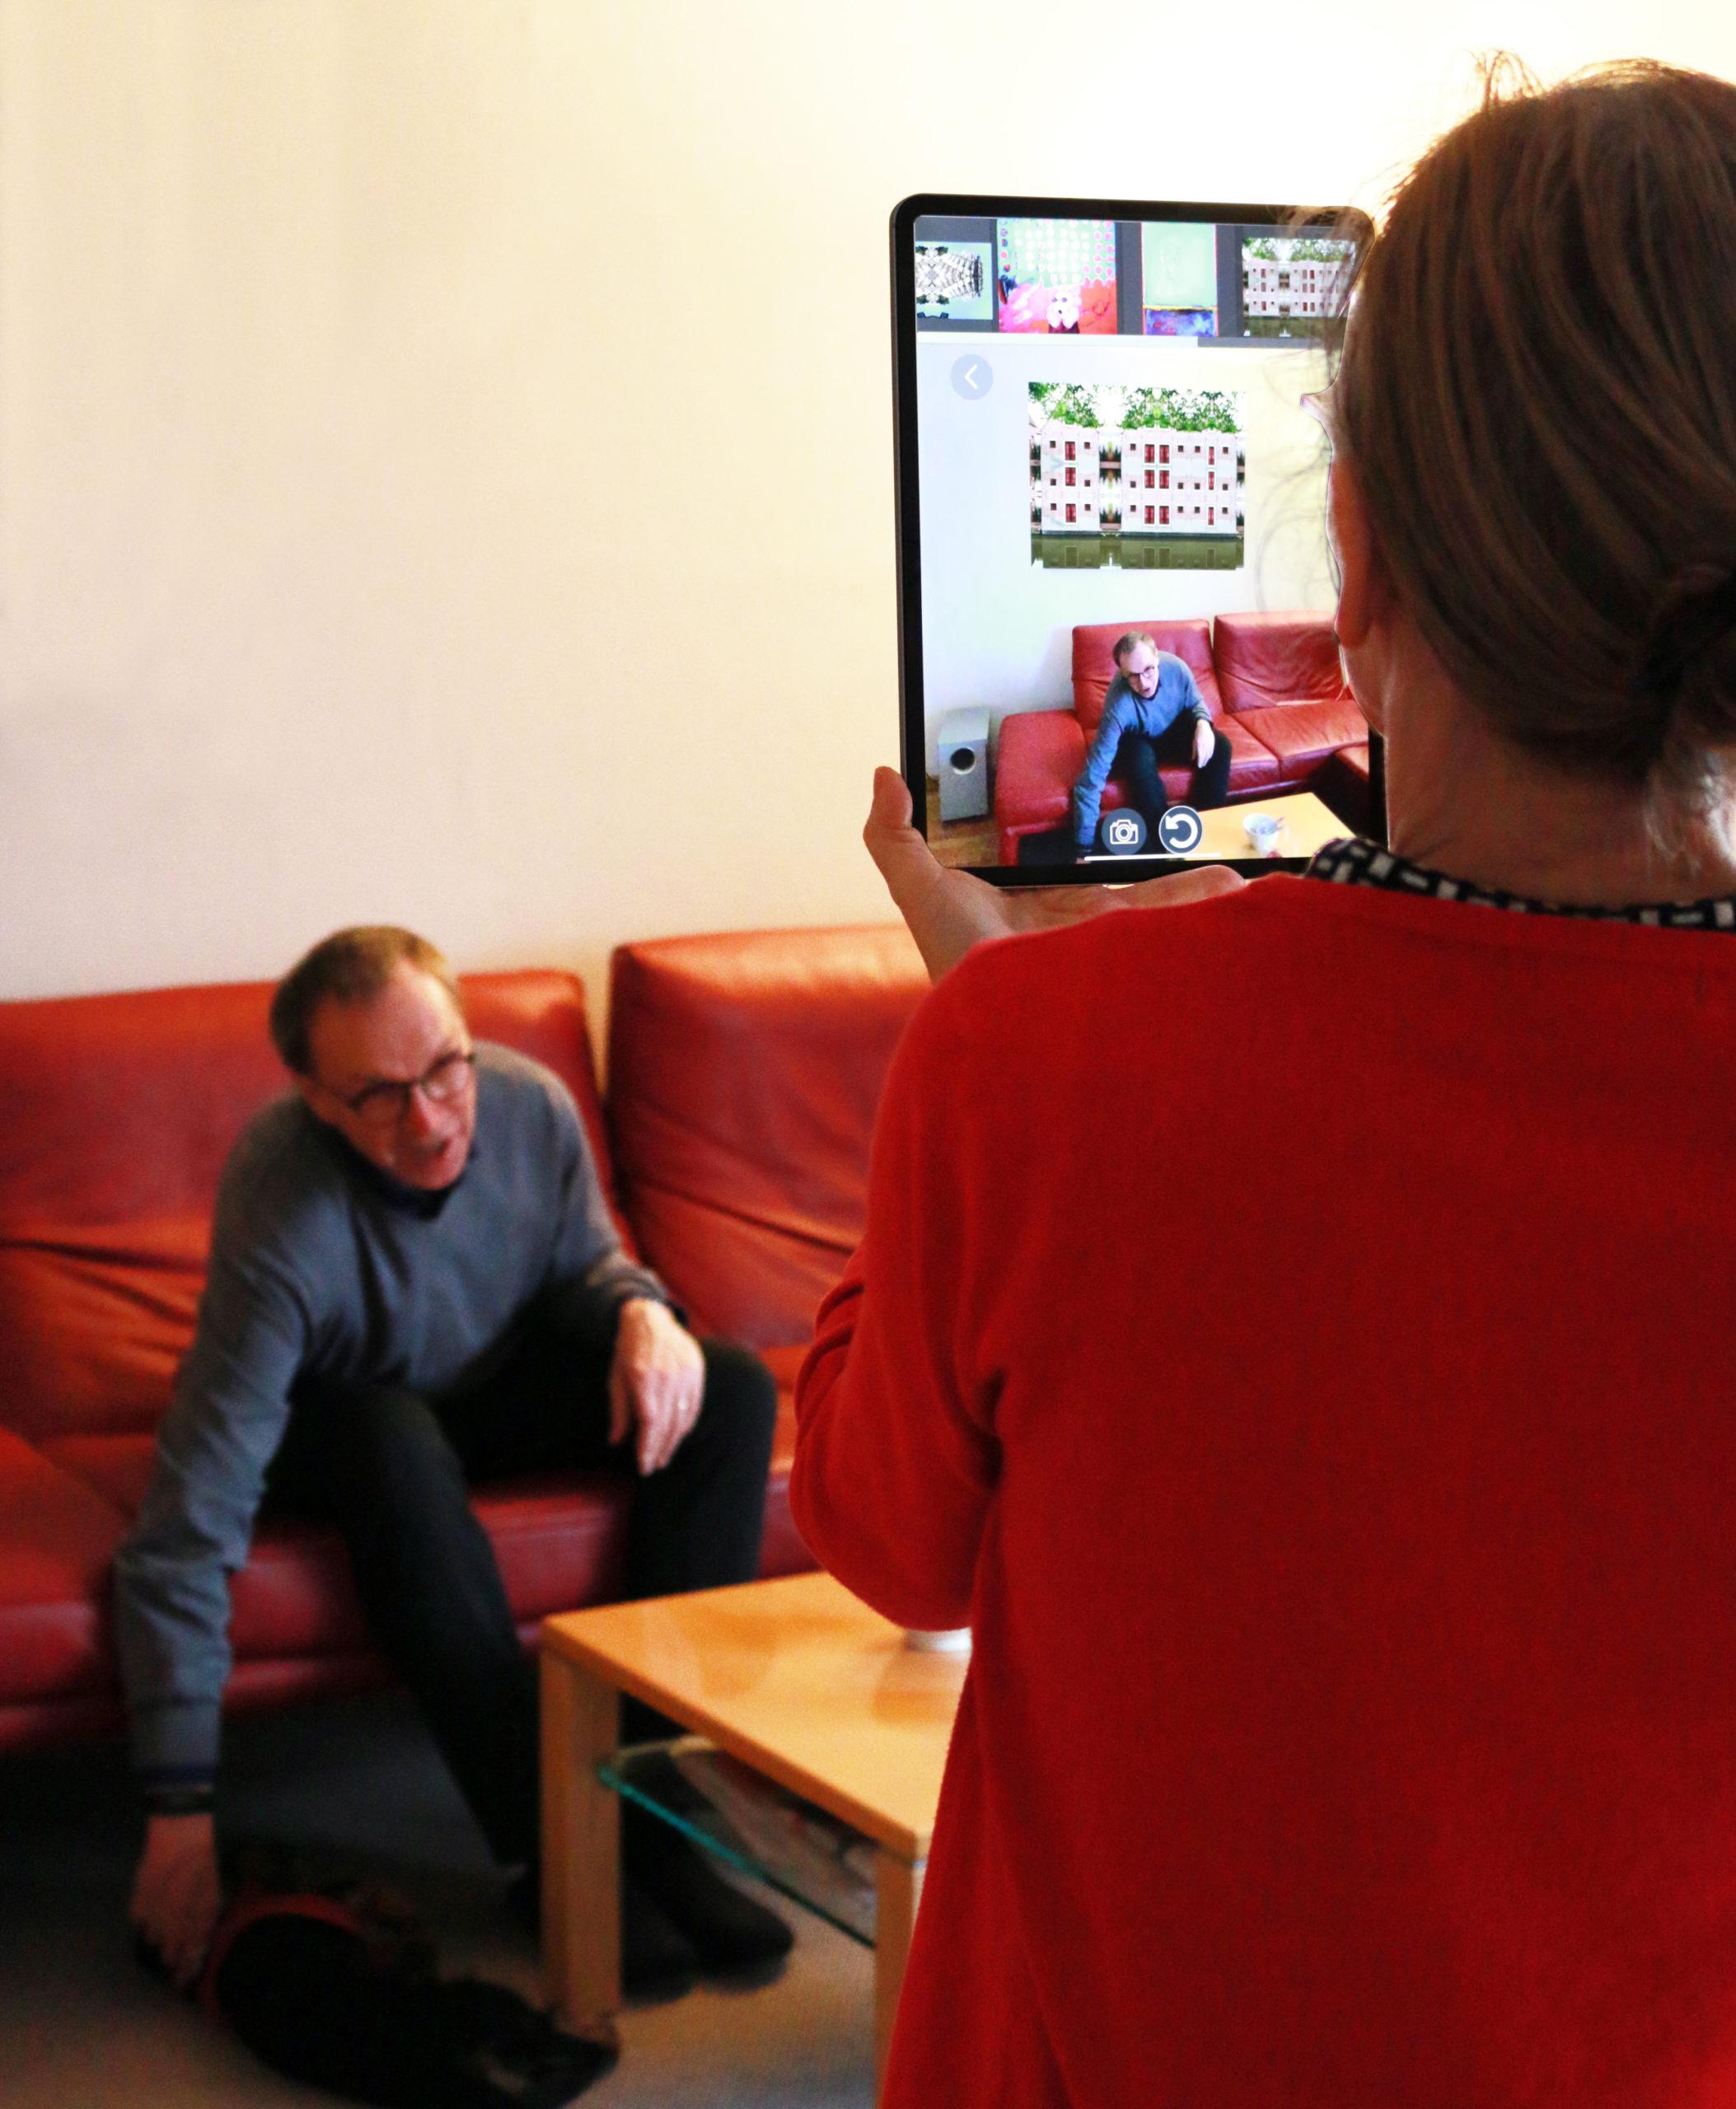 Kunstwerke zu Hause ausprobieren mit der Augmented Reality-App